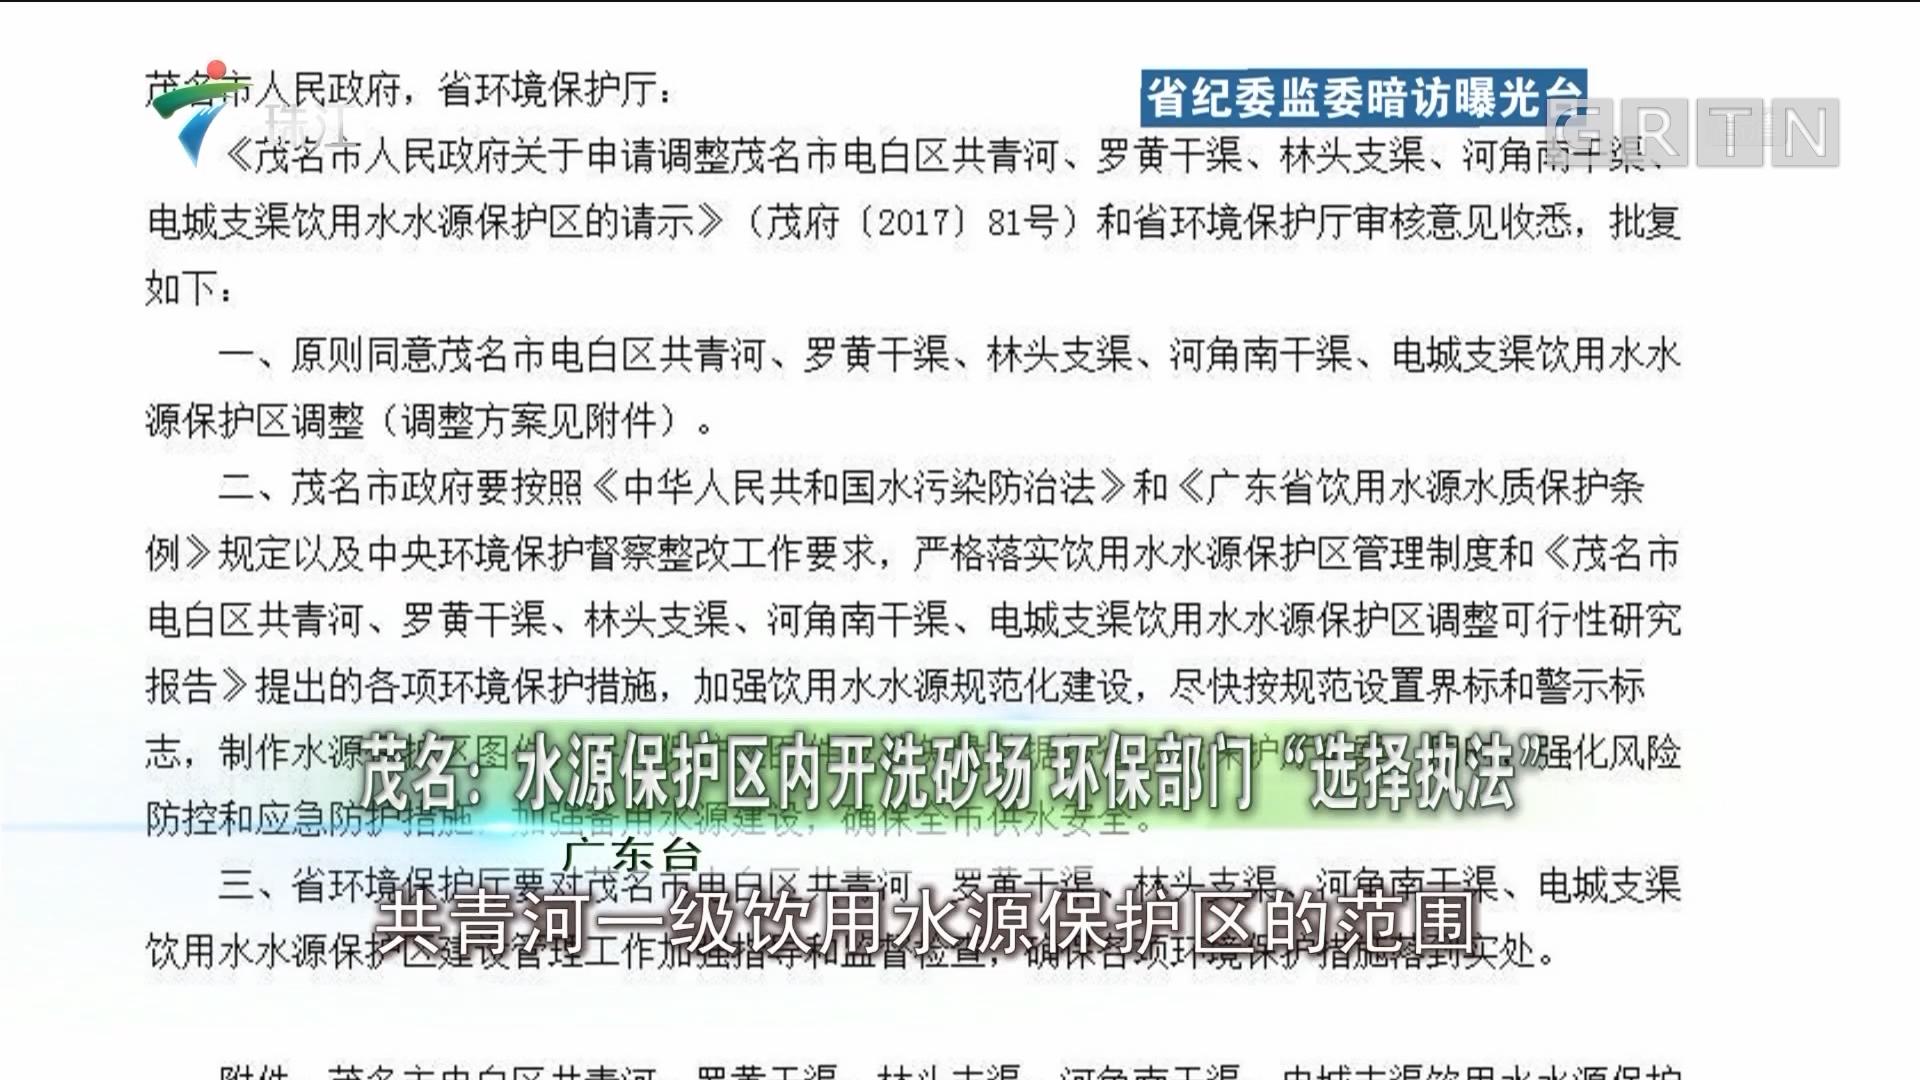 """茂名:水源保护区内开洗砂场 环保部门""""选择执法"""""""